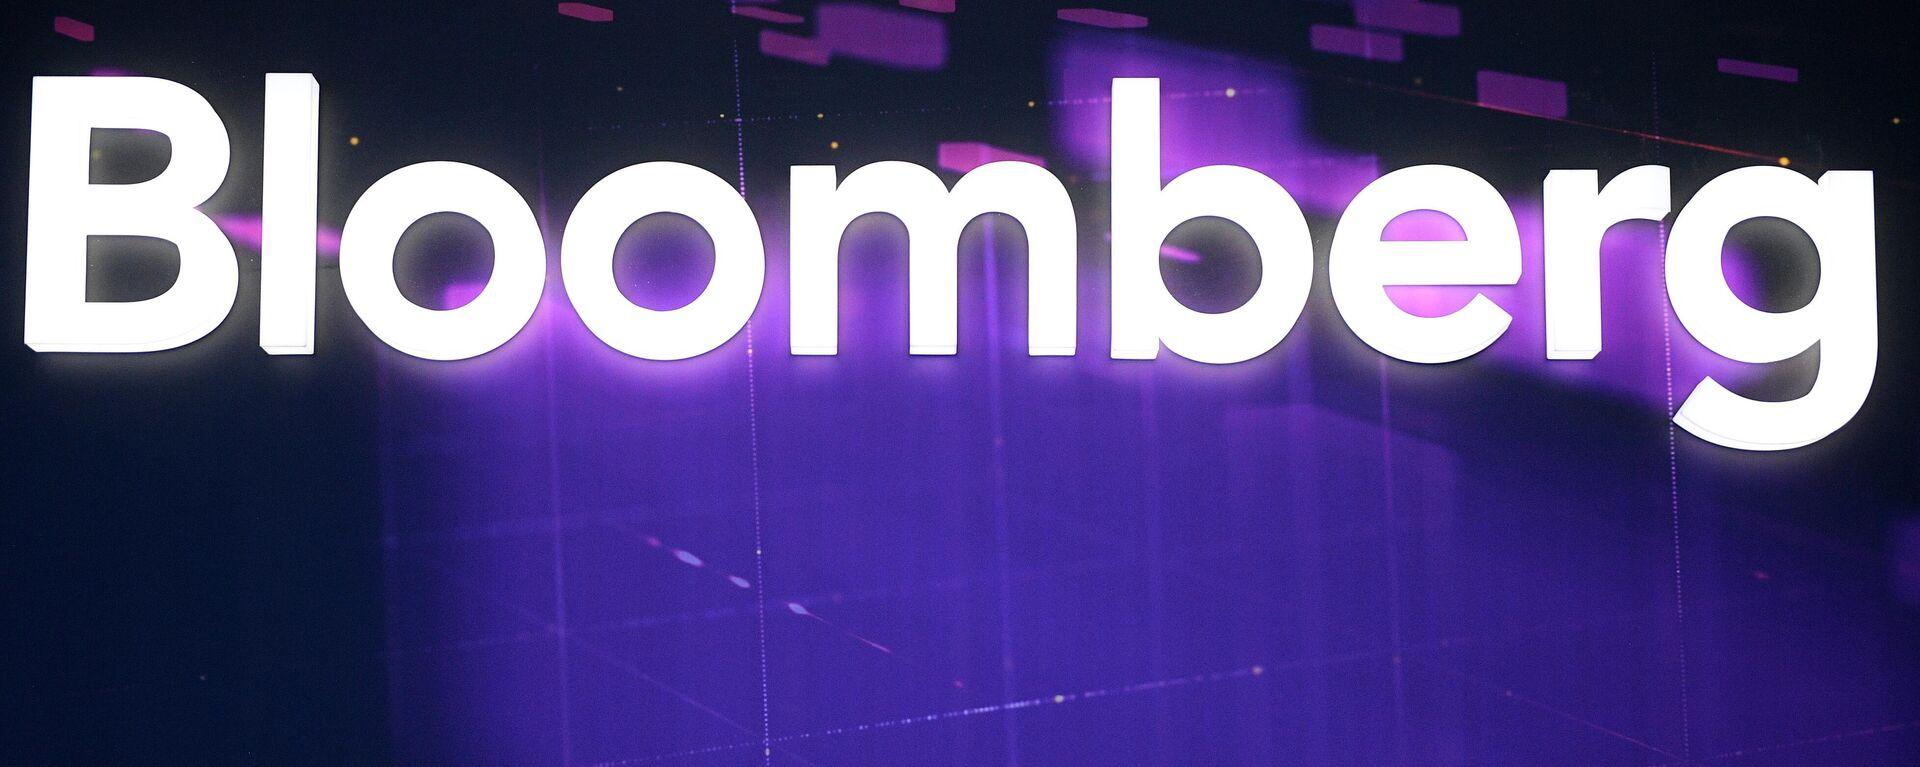 Logo der Wirtschaftsnachrichtenagentur Bloomberg - SNA, 1920, 17.12.2020